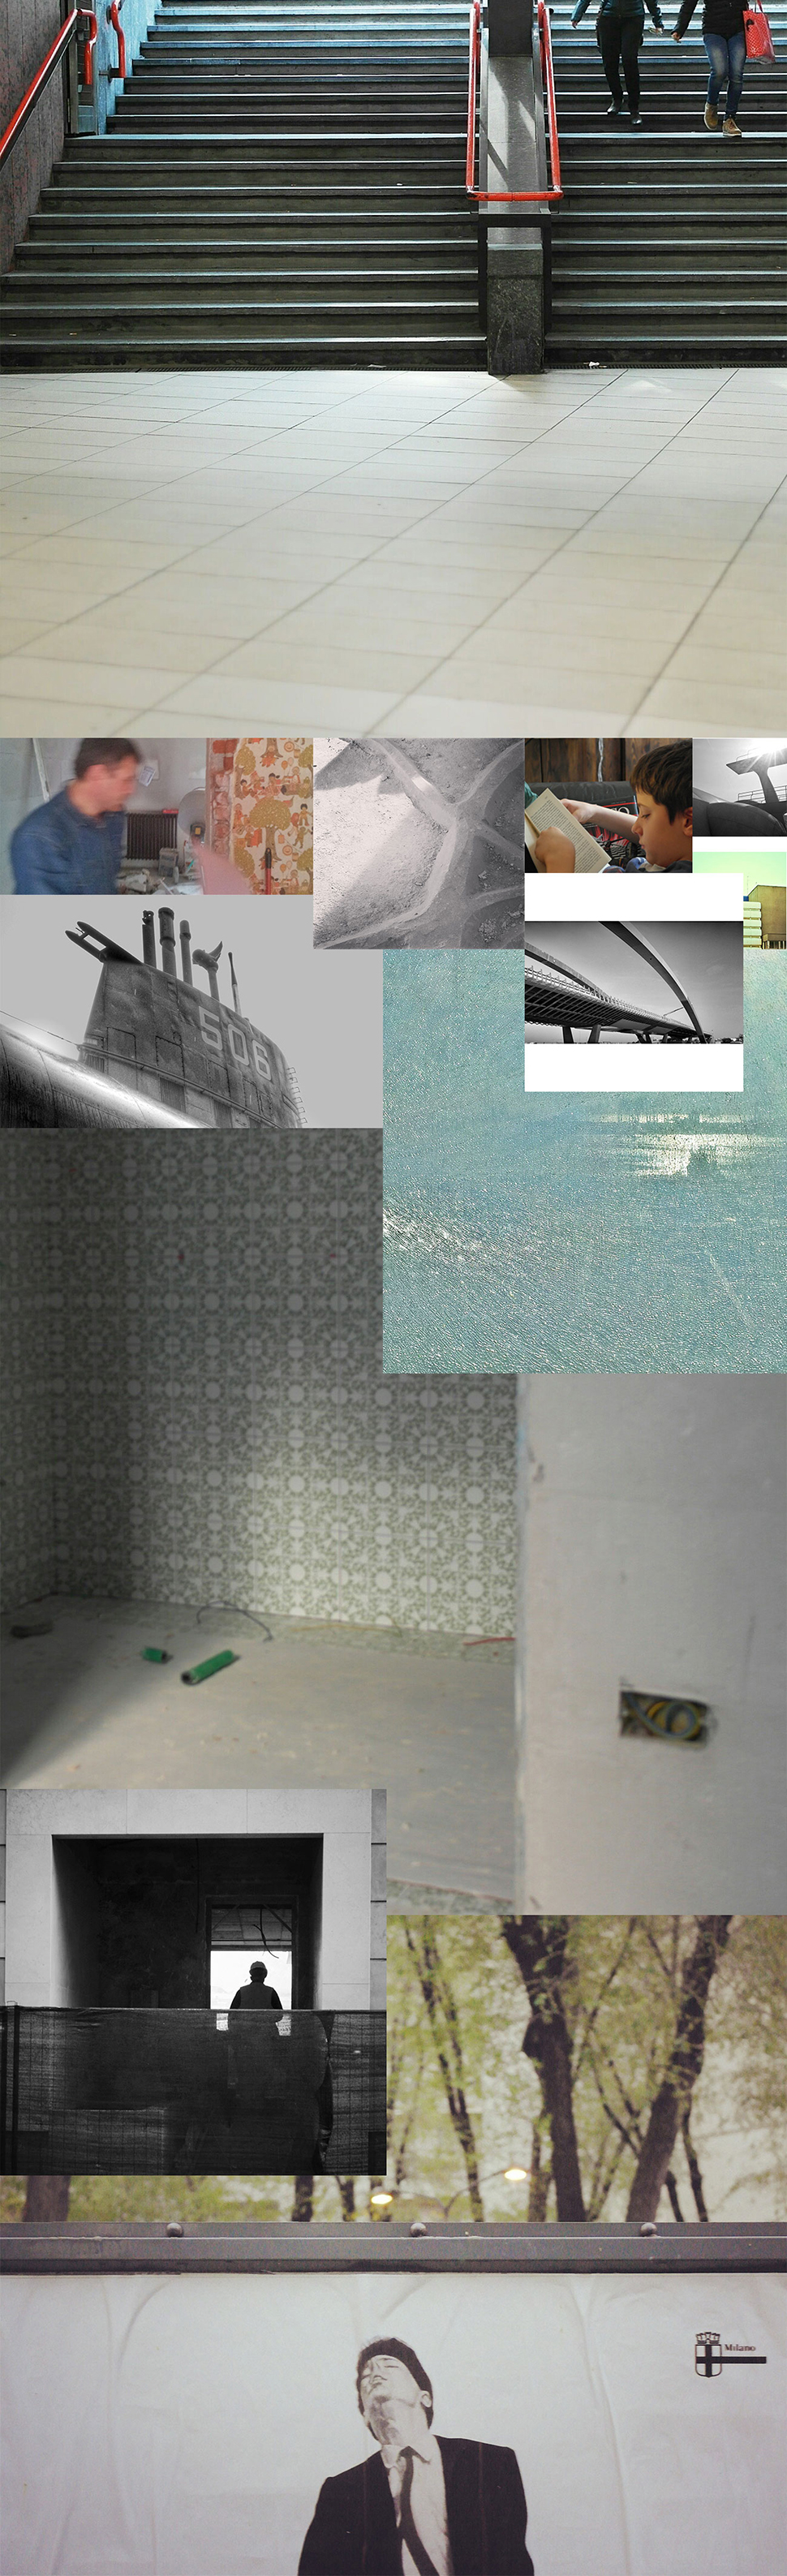 Fabrizio Guccione architetto FGSA FG SA studio di architettura Milano photo